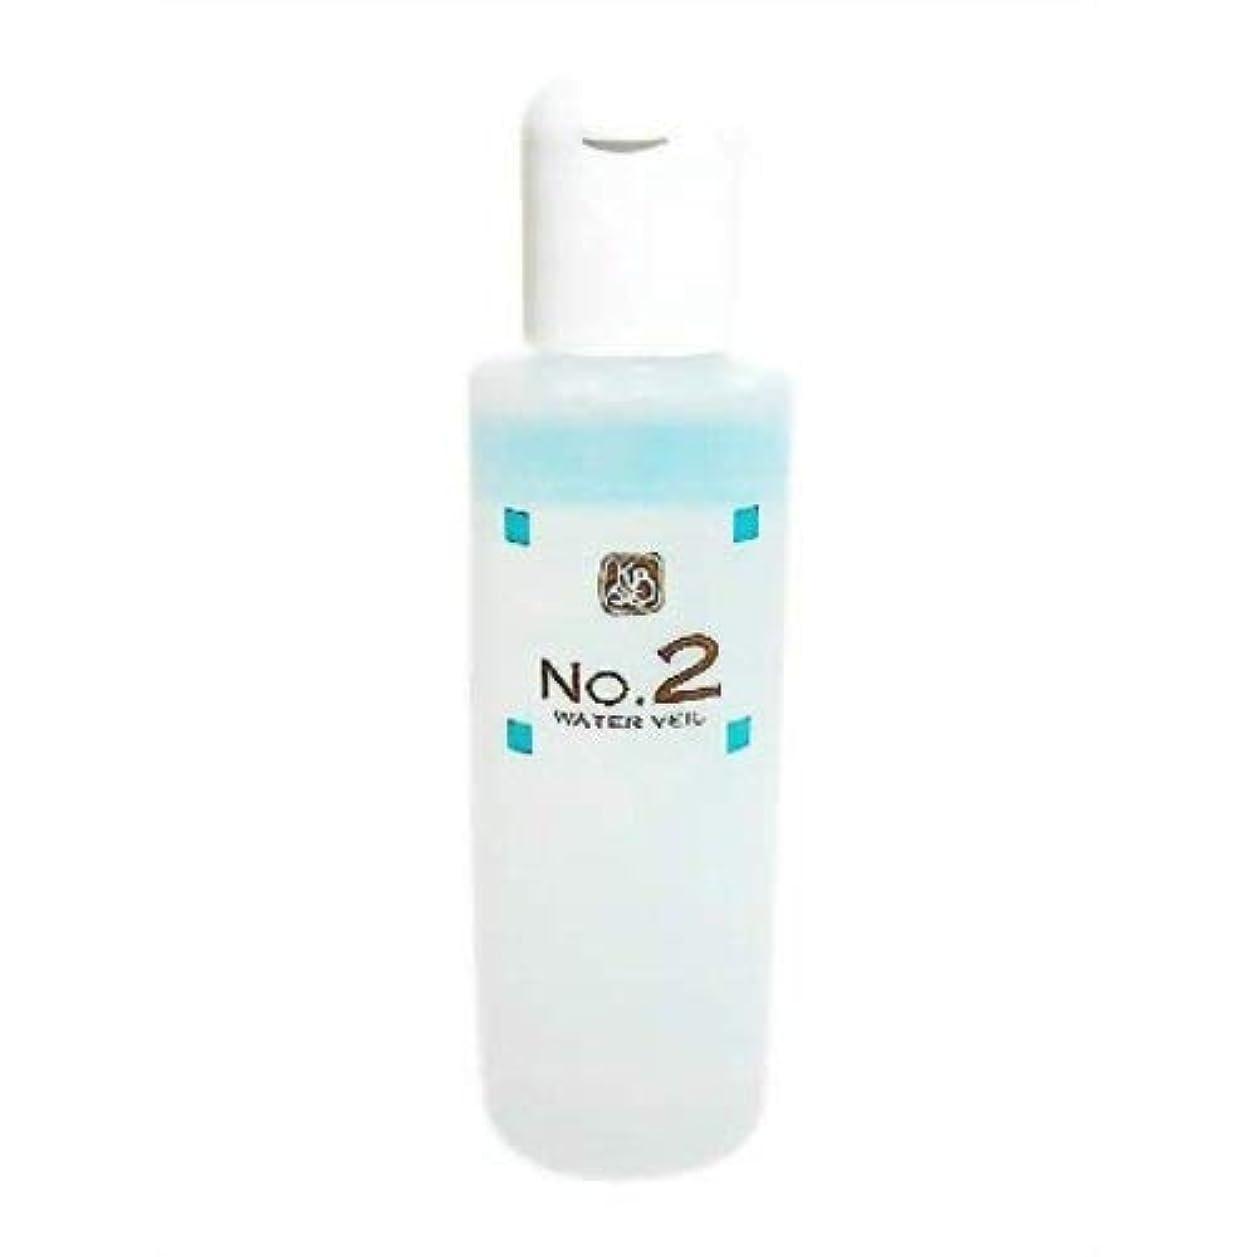 しなやかな成果タイムリーな顔を洗う水 ウォーターベールNO2 150ml